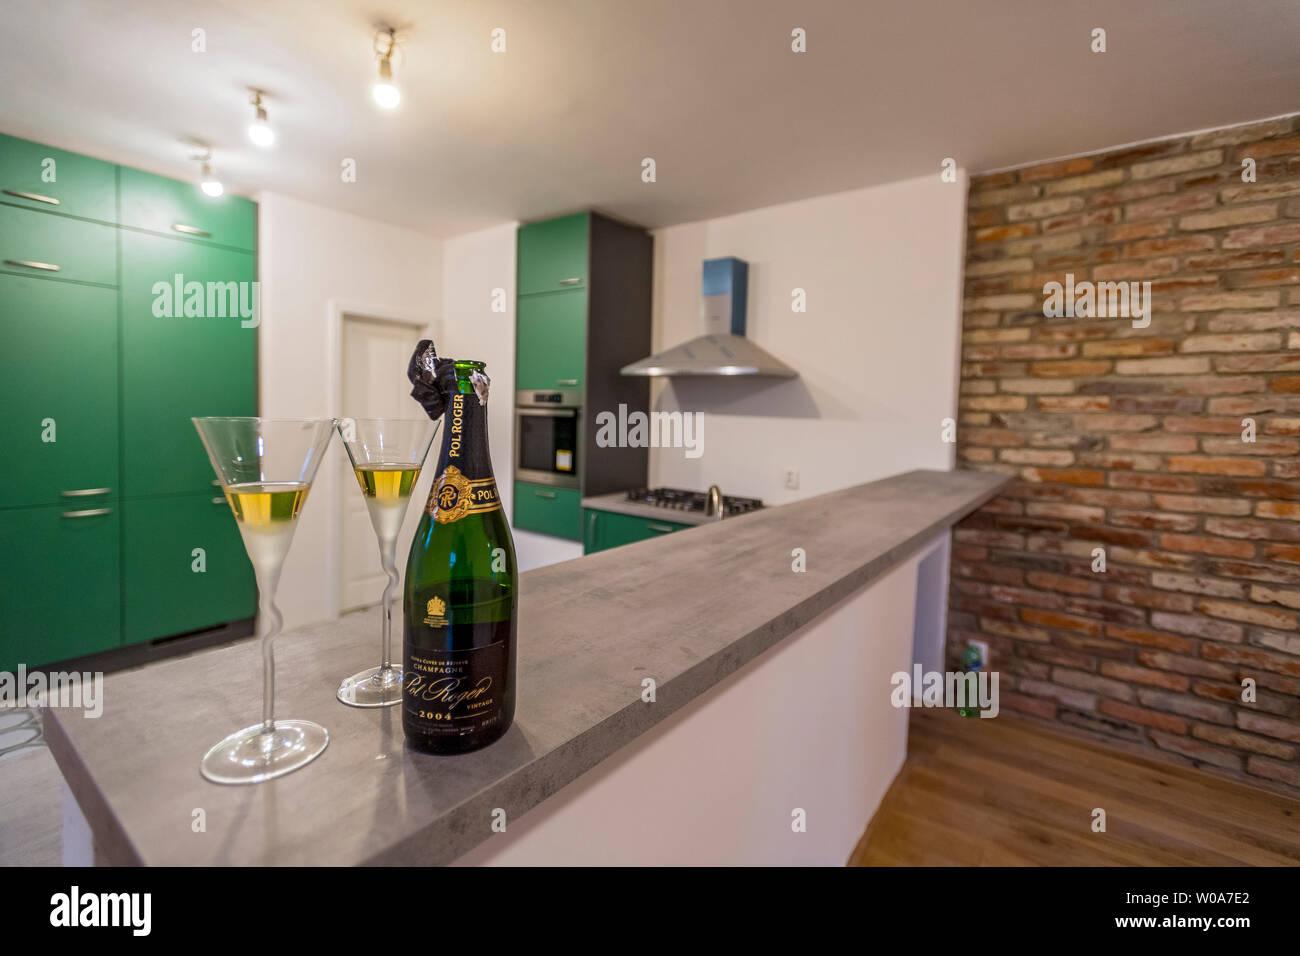 Nuevos muebles de cocina verde con botella de champaña y dos ...